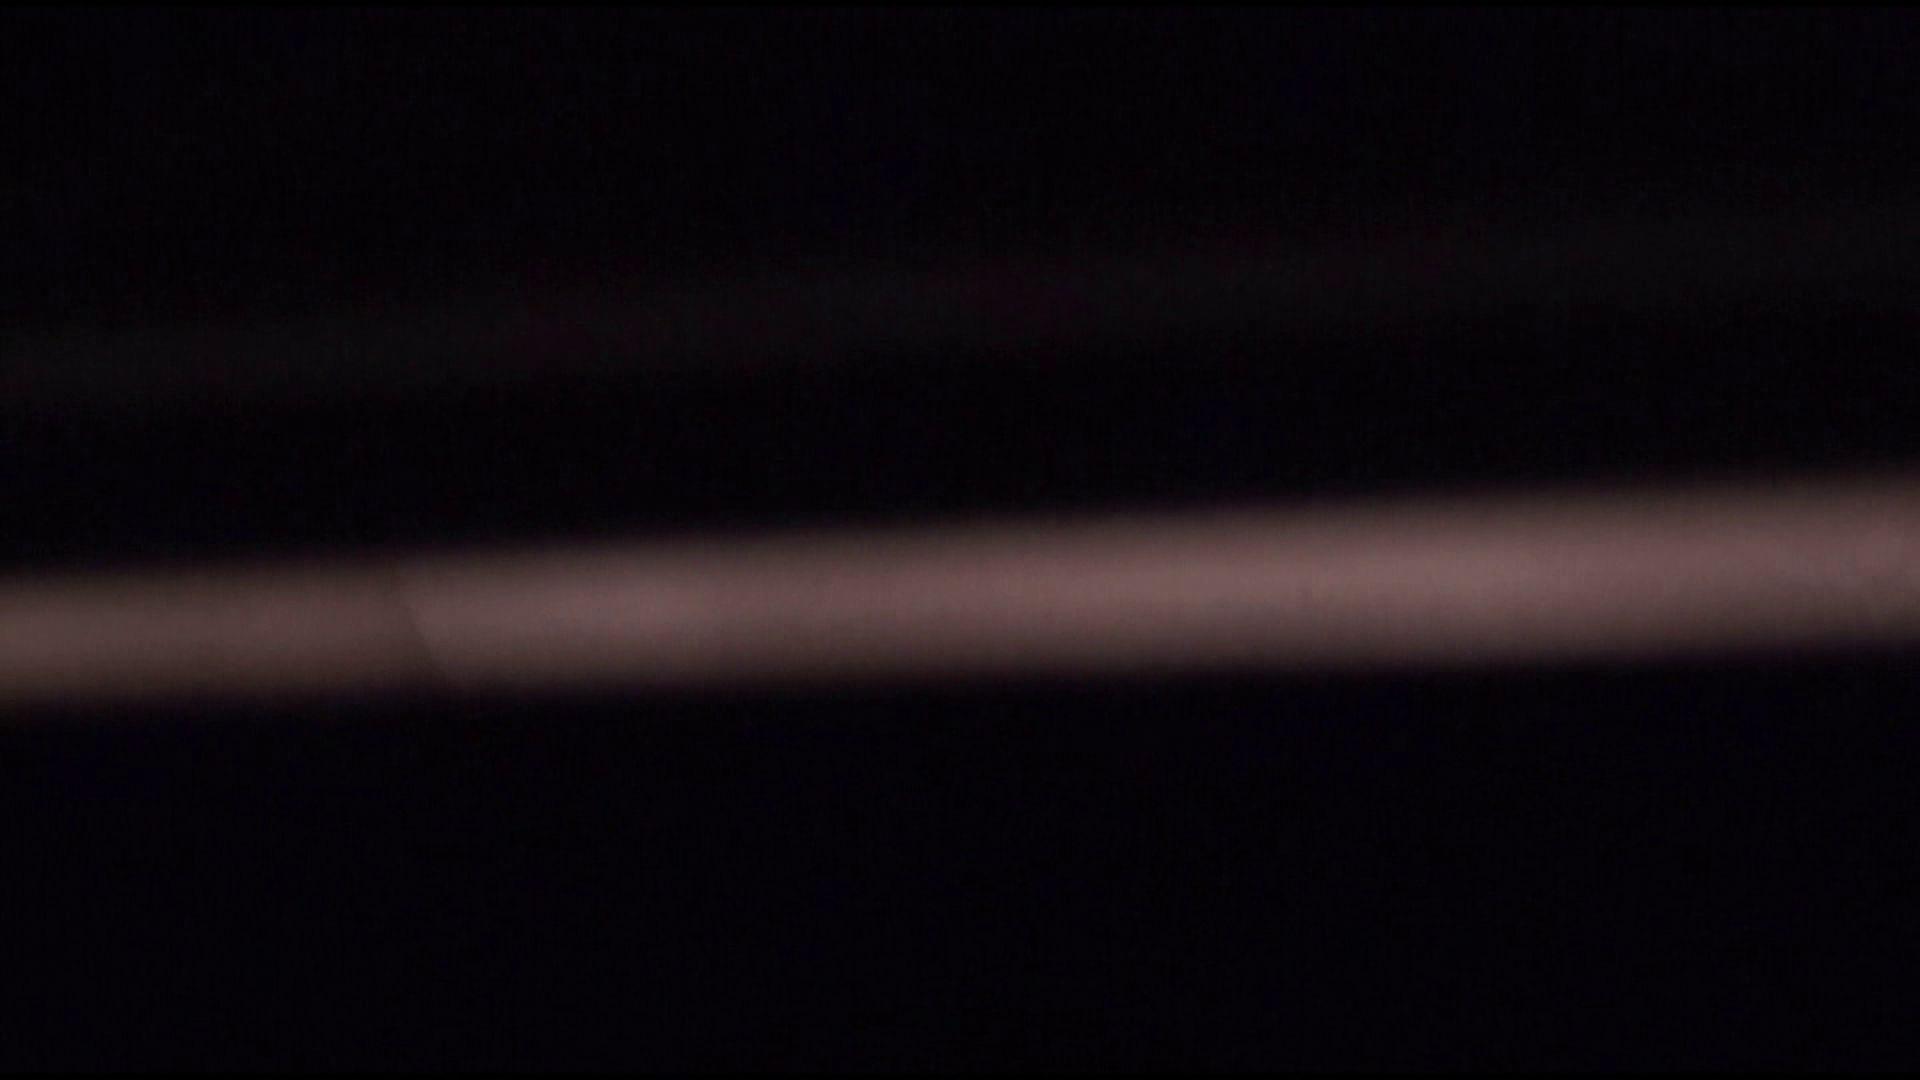 民家の騎士さんの最後の性戦ハイビジョン!!No.47 プライベート 盗み撮り動画 79画像 71